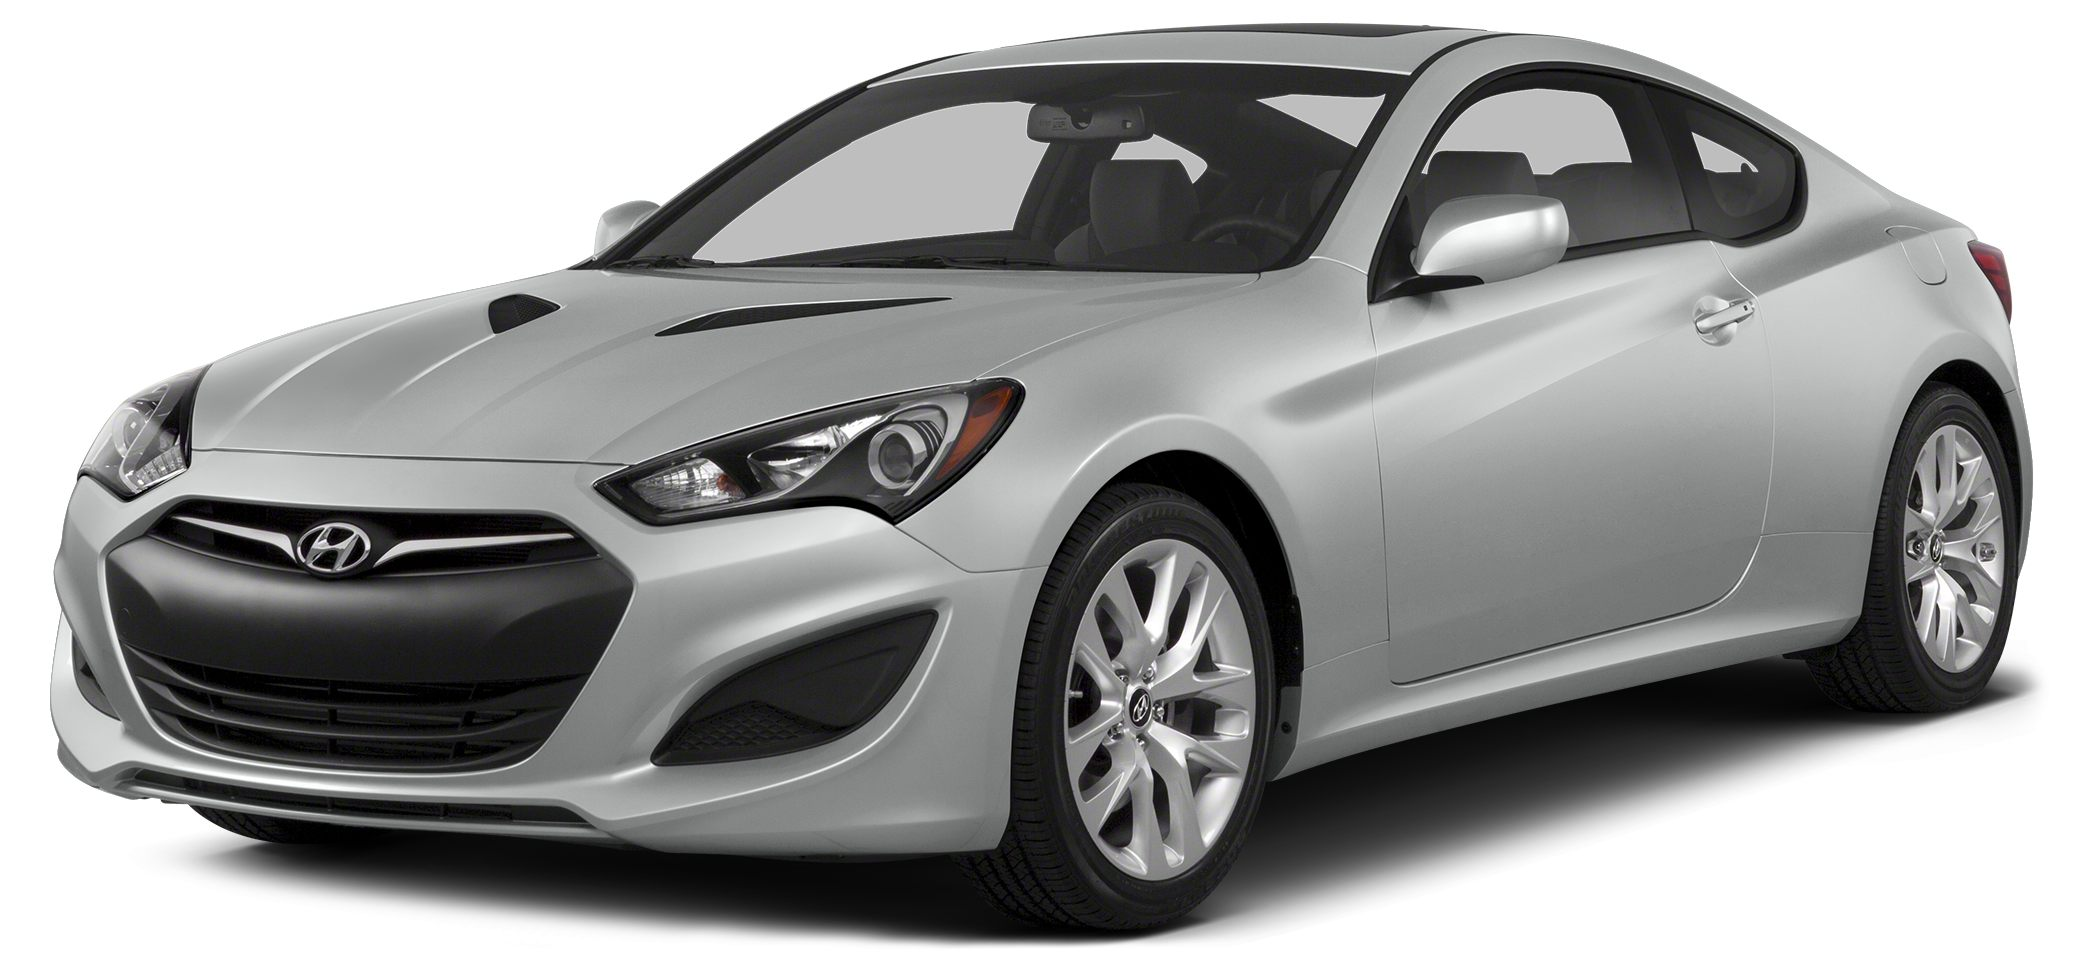 2013 Hyundai